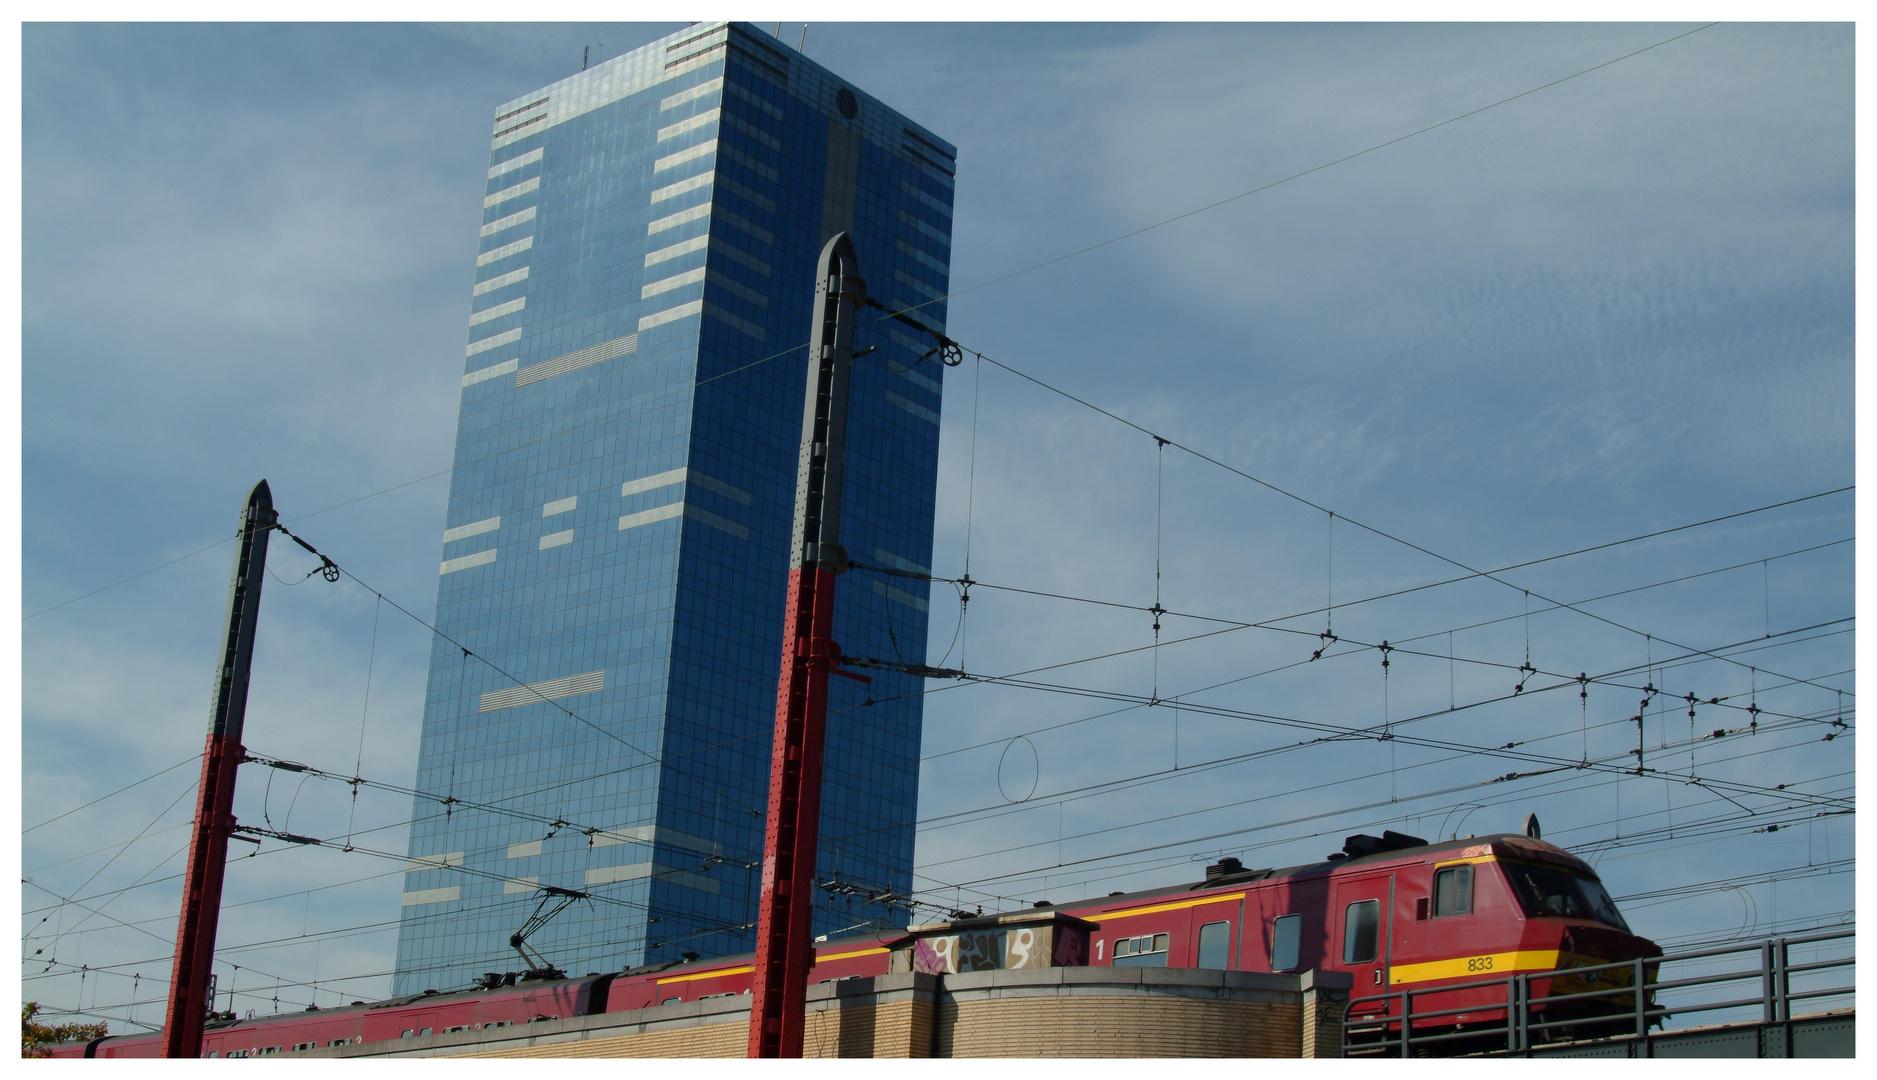 Le train arrive en gare